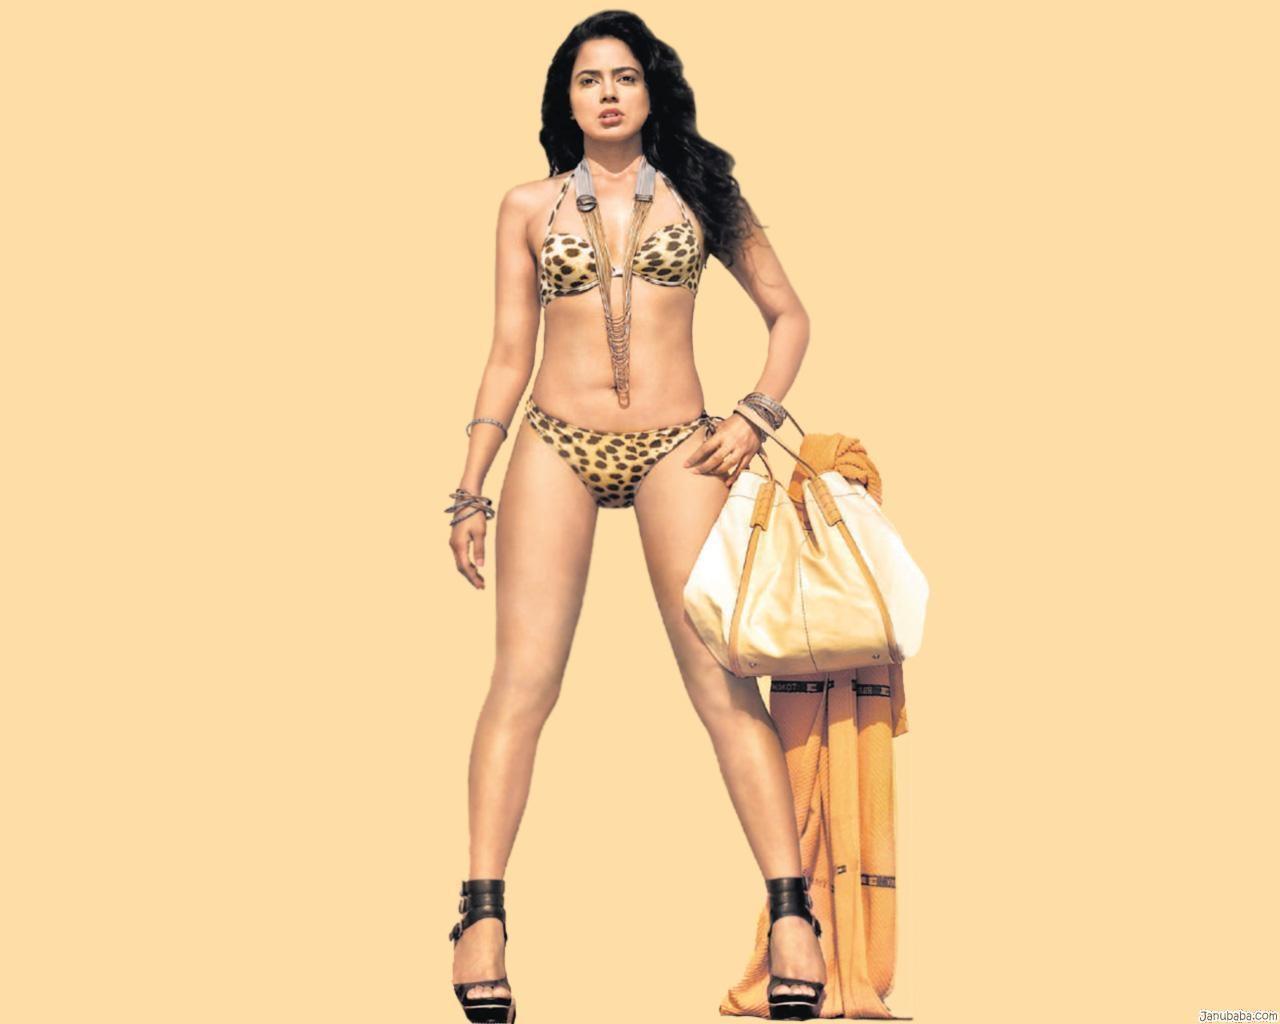 Sameera reddy nude sex photos babestation sexy